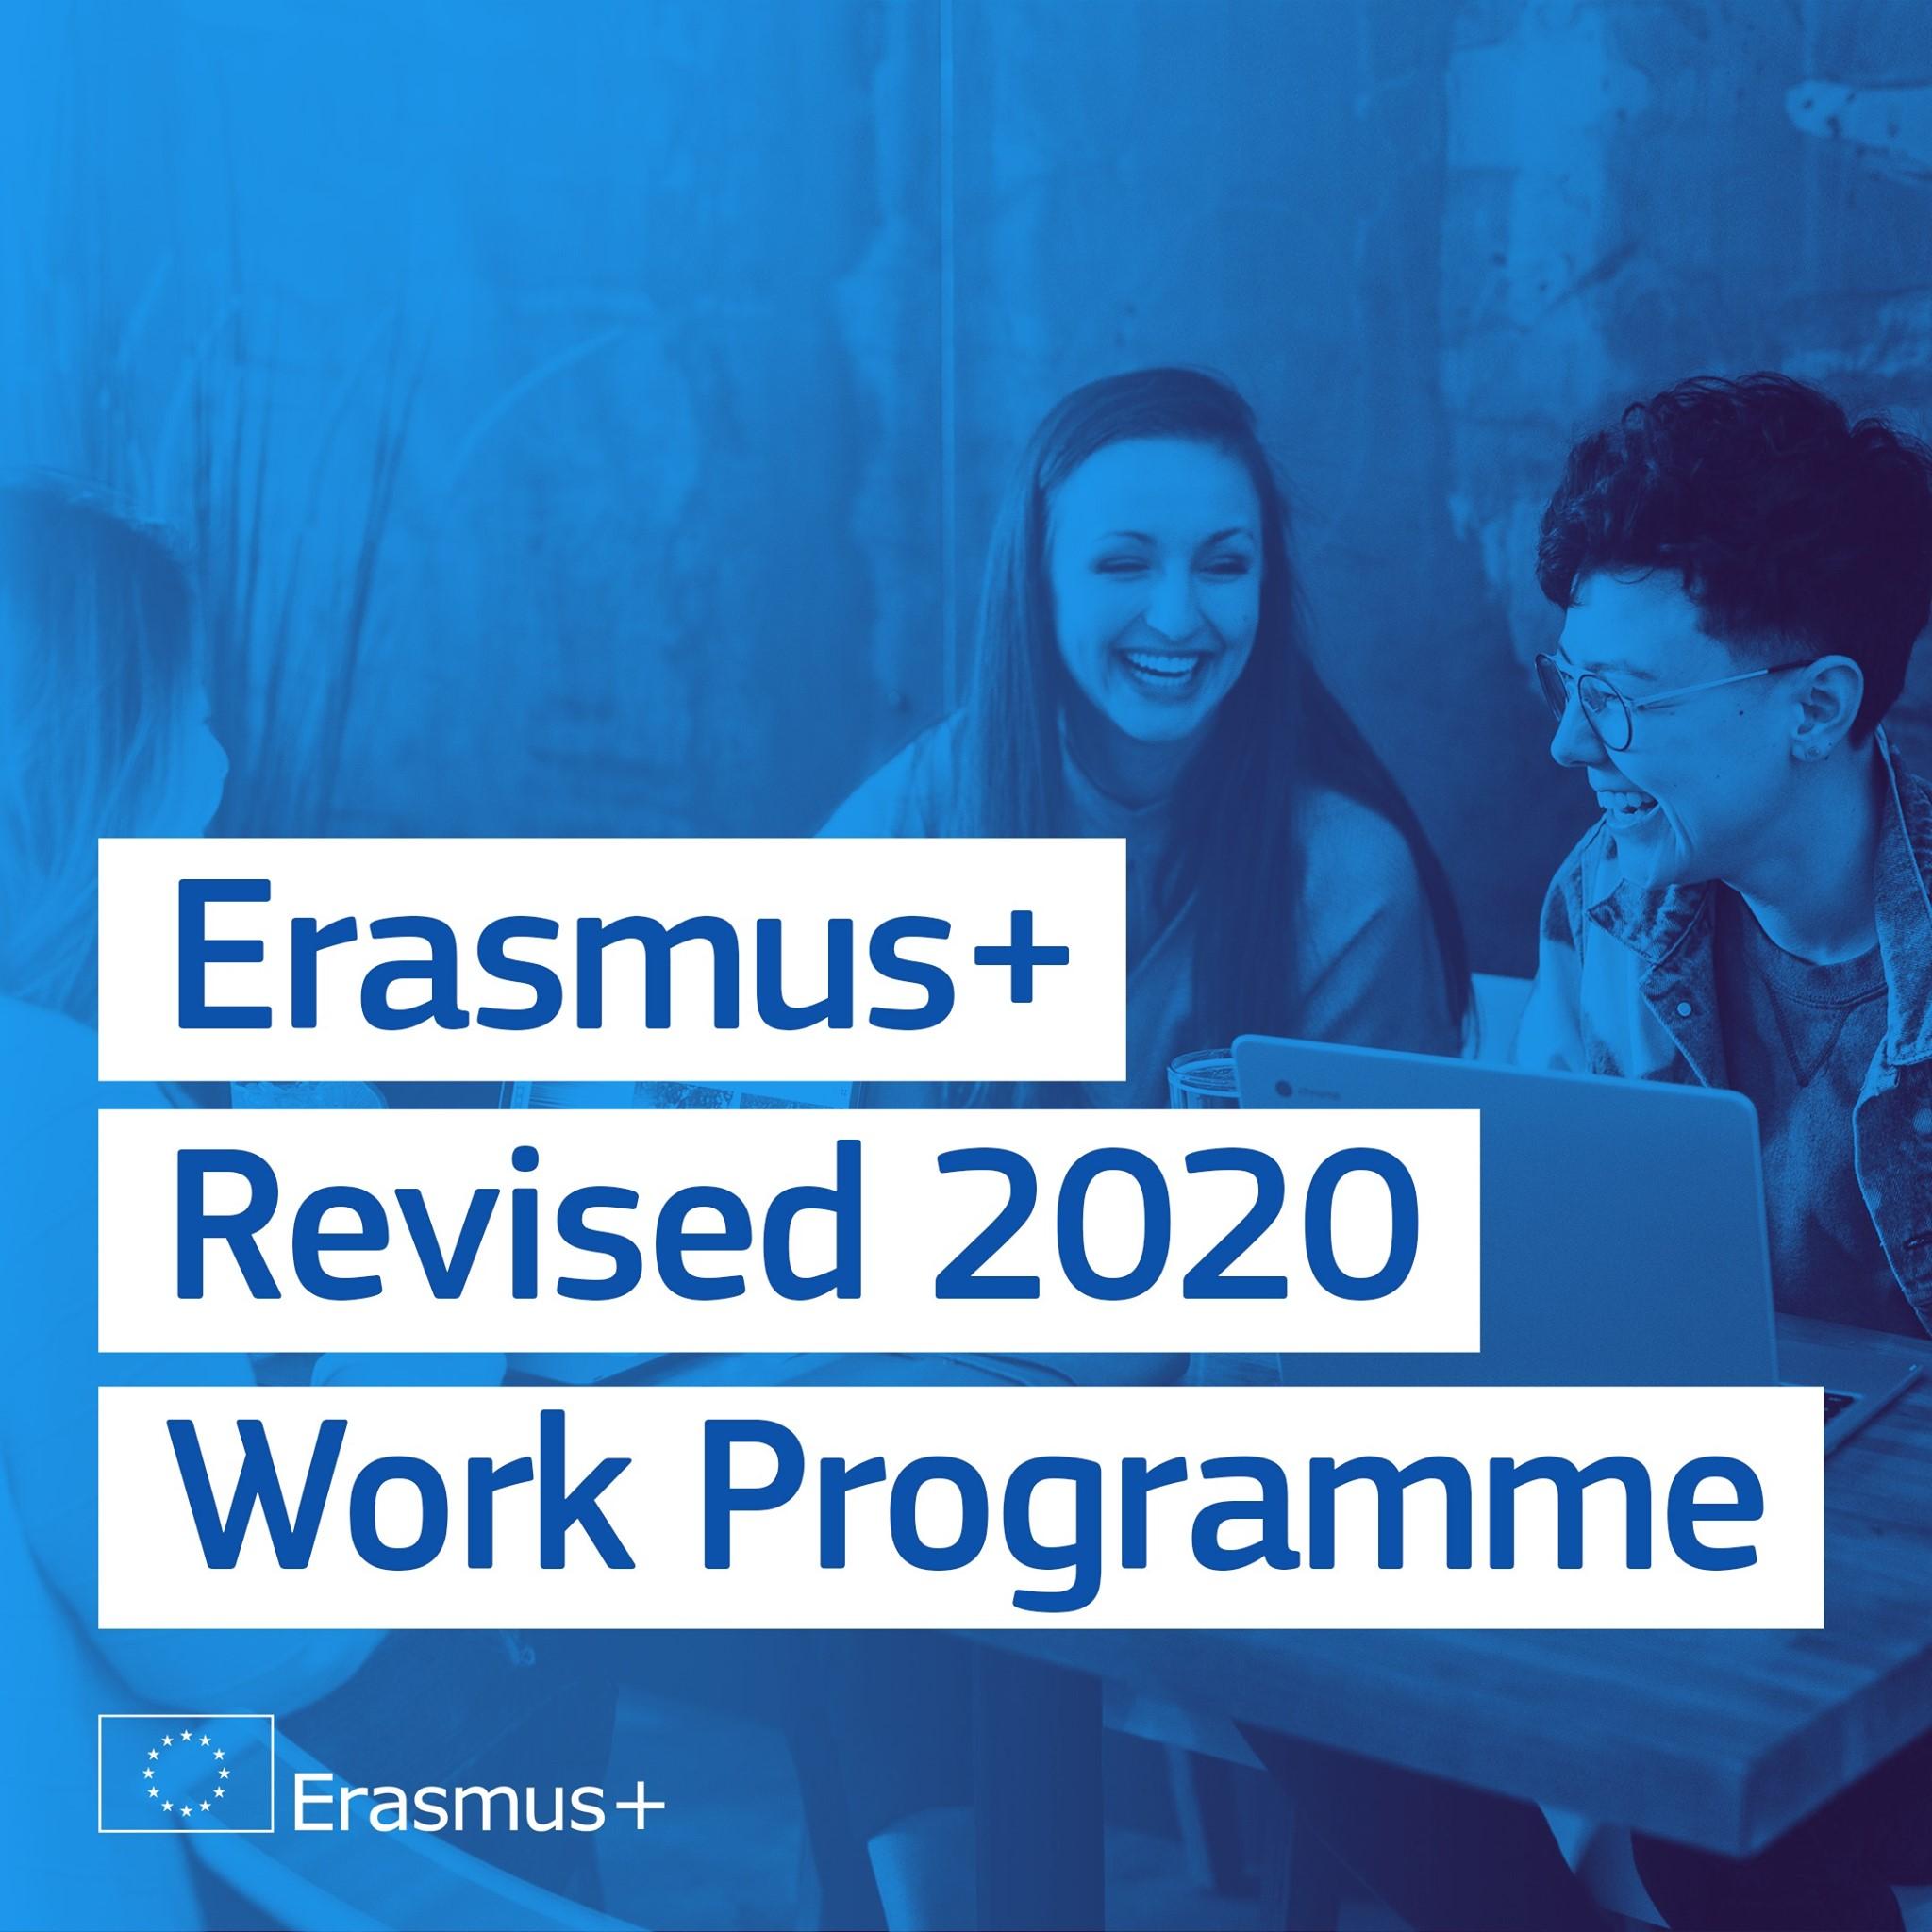 Európska komisia poskytne v rámci revízie pracovného programu Erasmus+ na rok 2020 dodatočných 200 miliónov eur